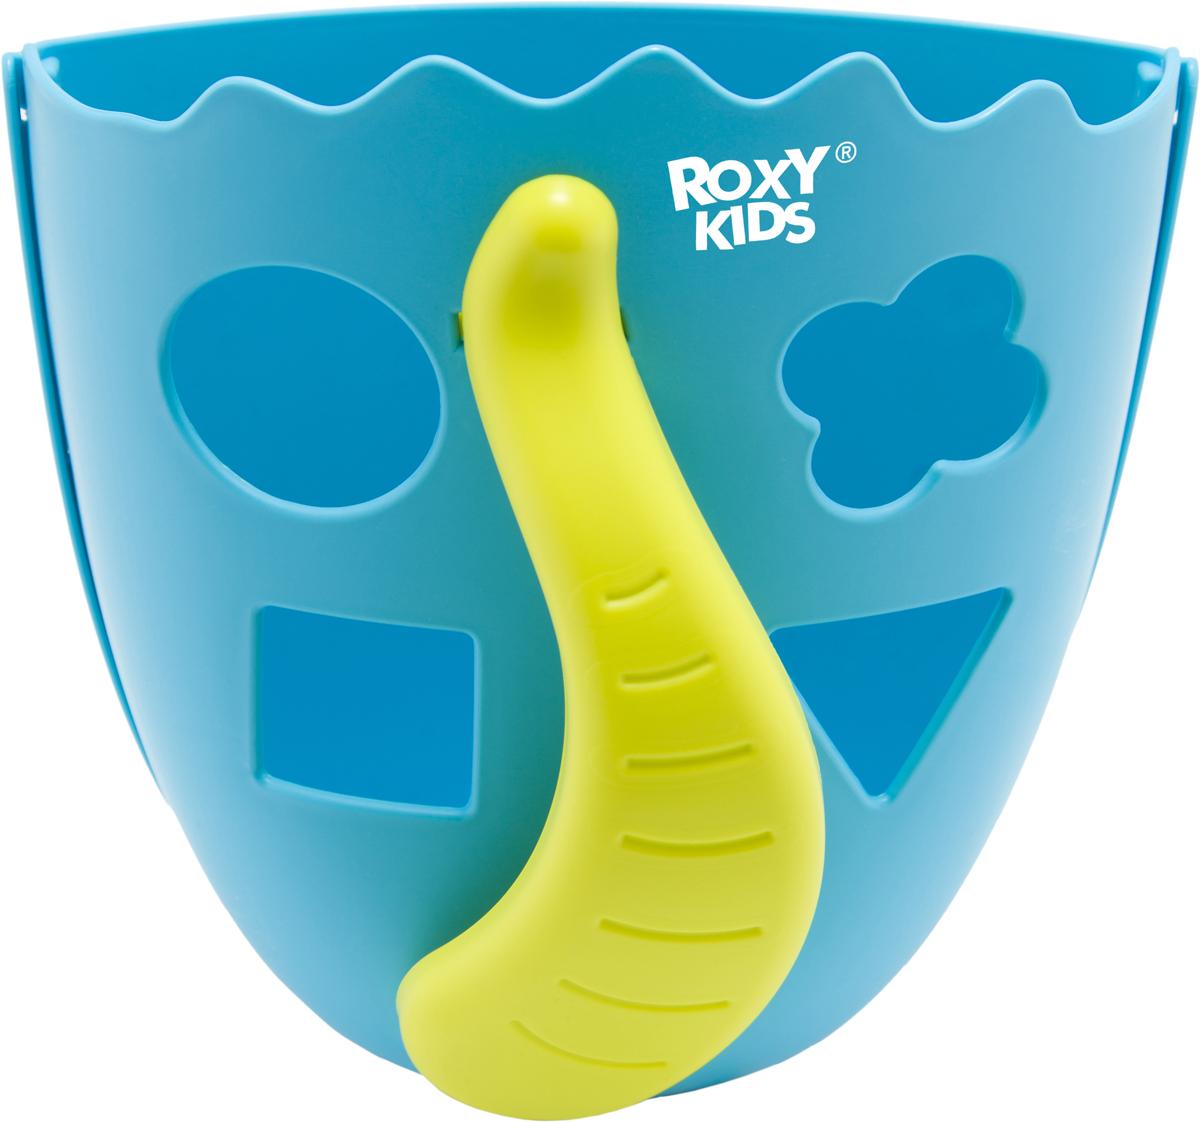 Roxy-kids Органайзер для игрушек Dino цвет синий, салатовый